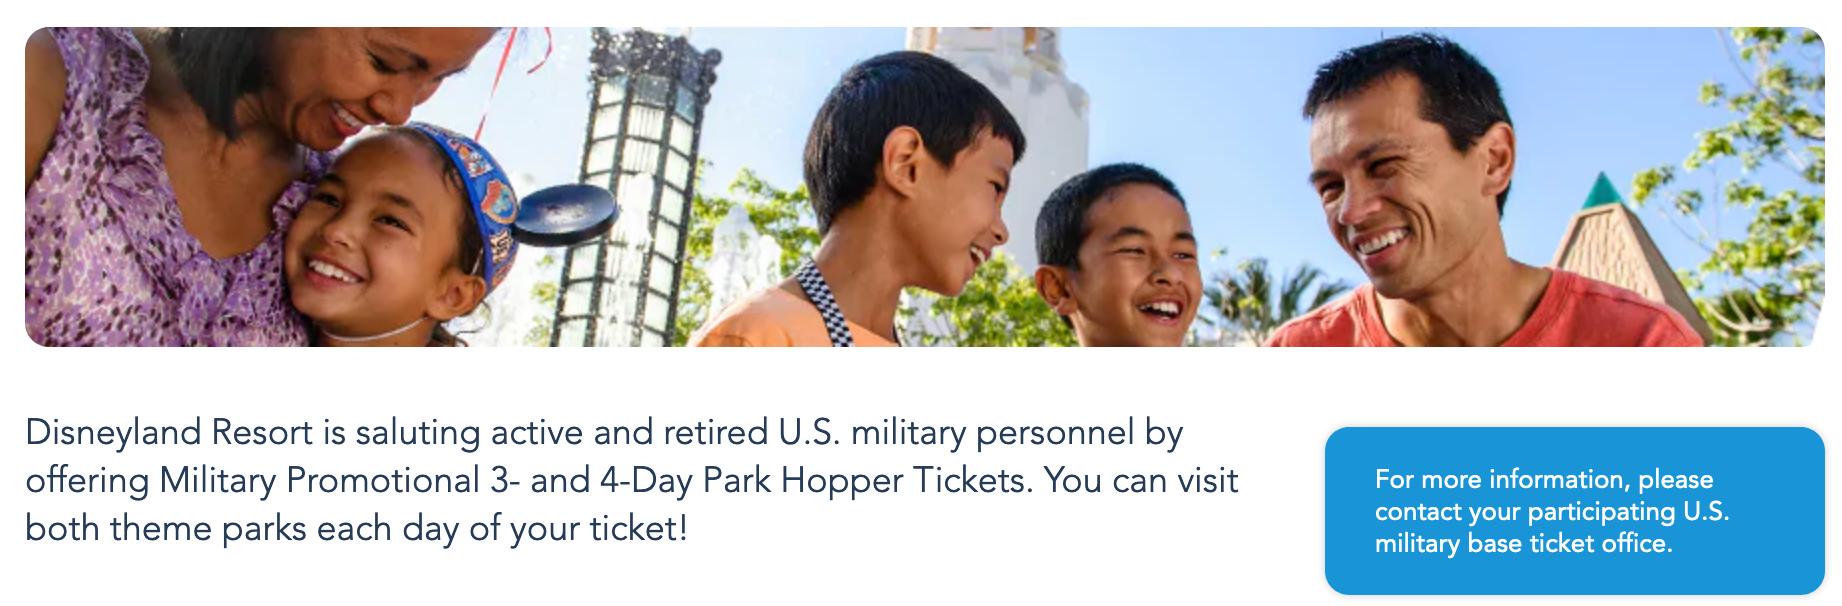 Disneyland Military Veteran Discounts